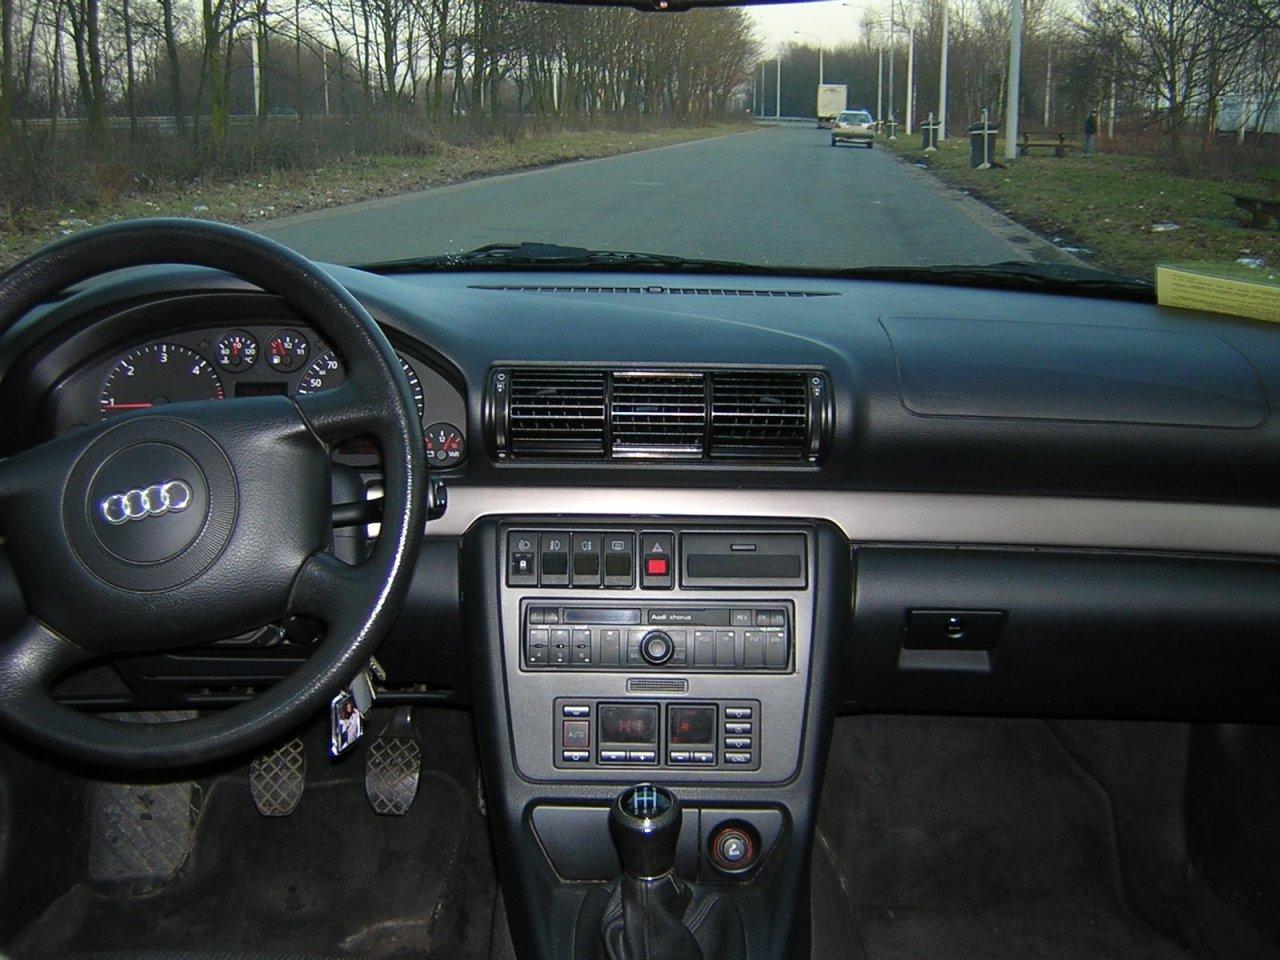 Audi A4 TDI 110, l'heure du bilan ! - Auto titre